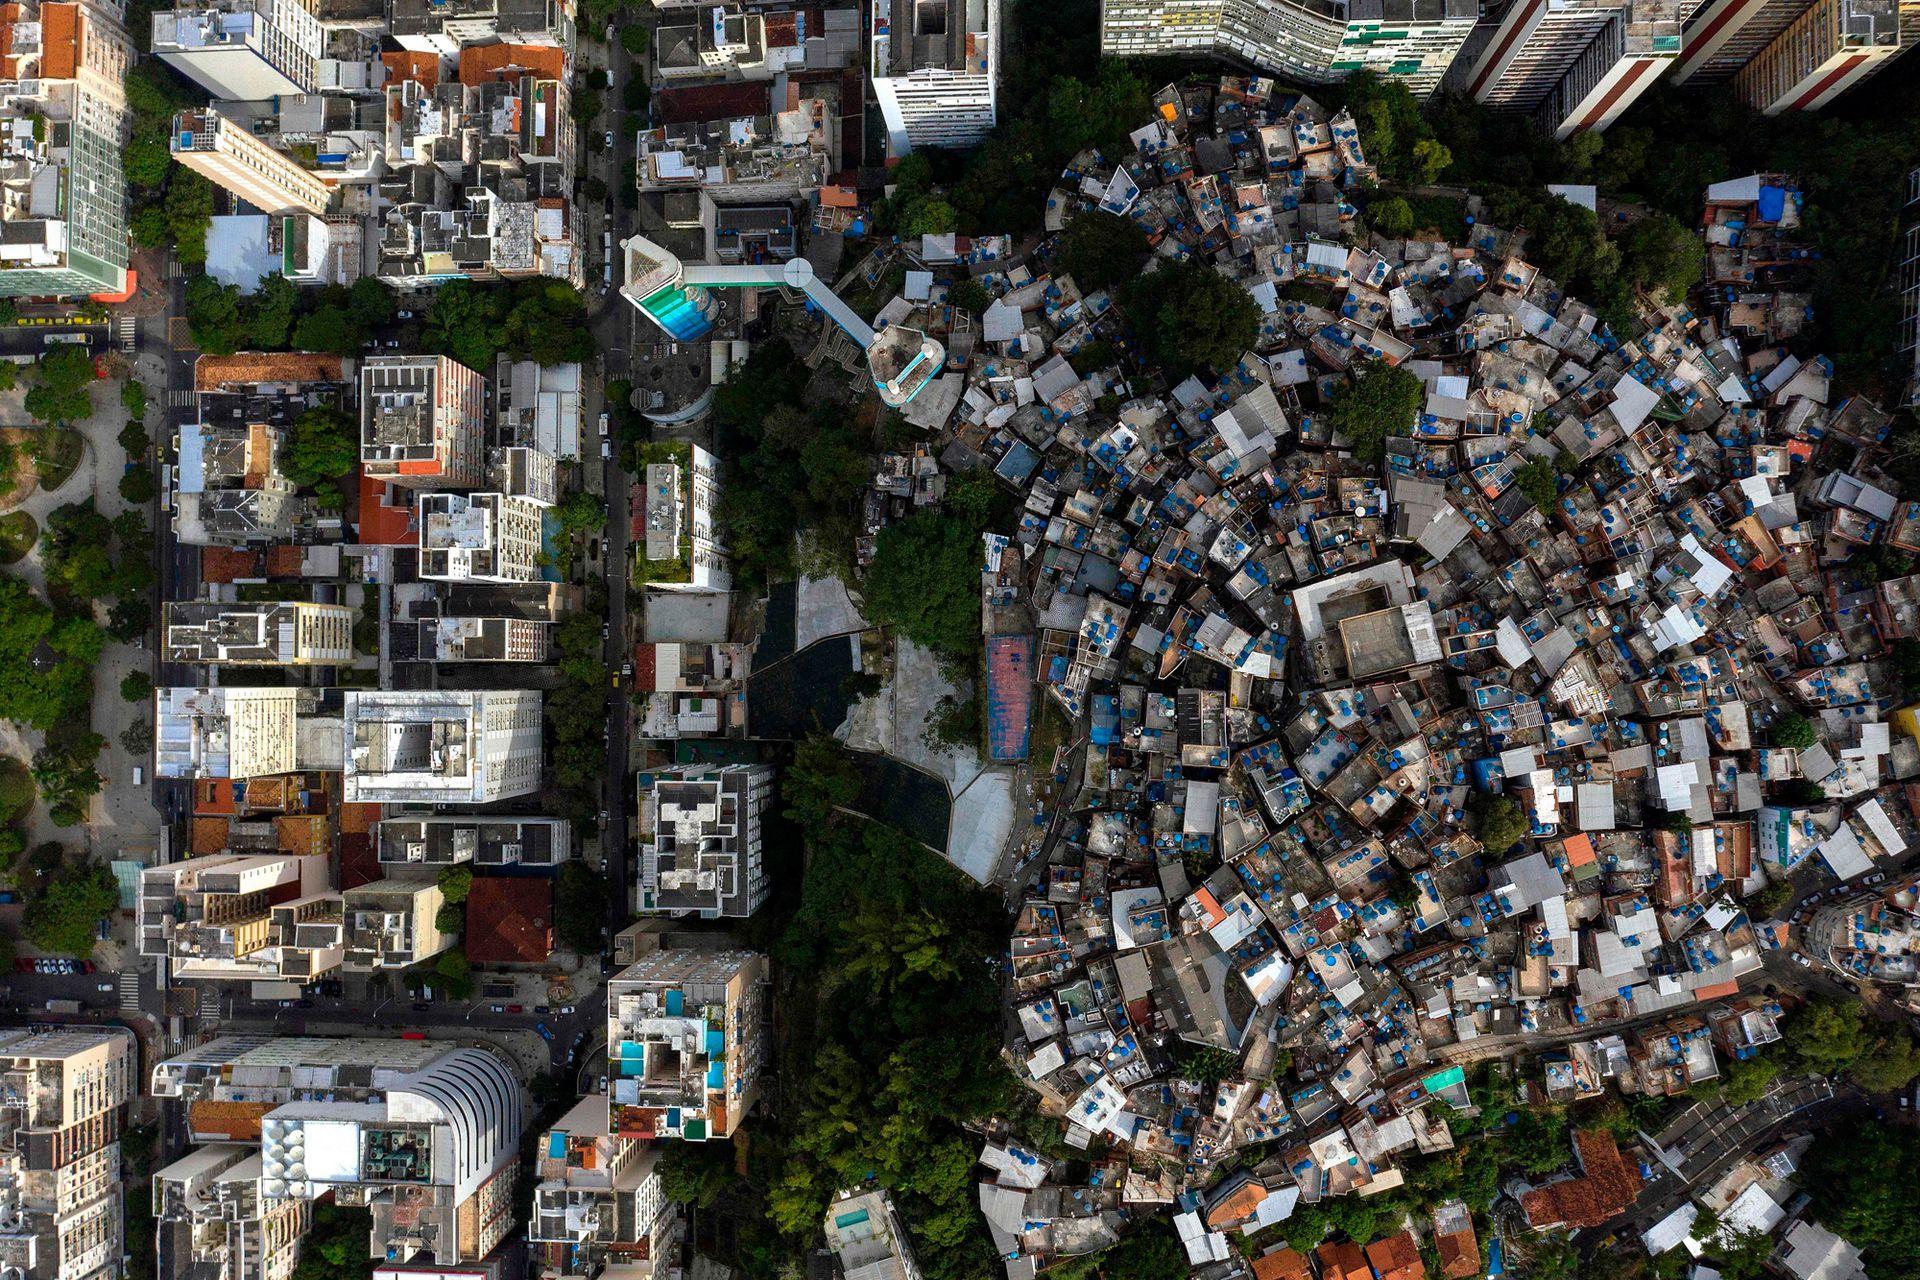 Las villas de latinoamericanas, el desafío de los gobiernos